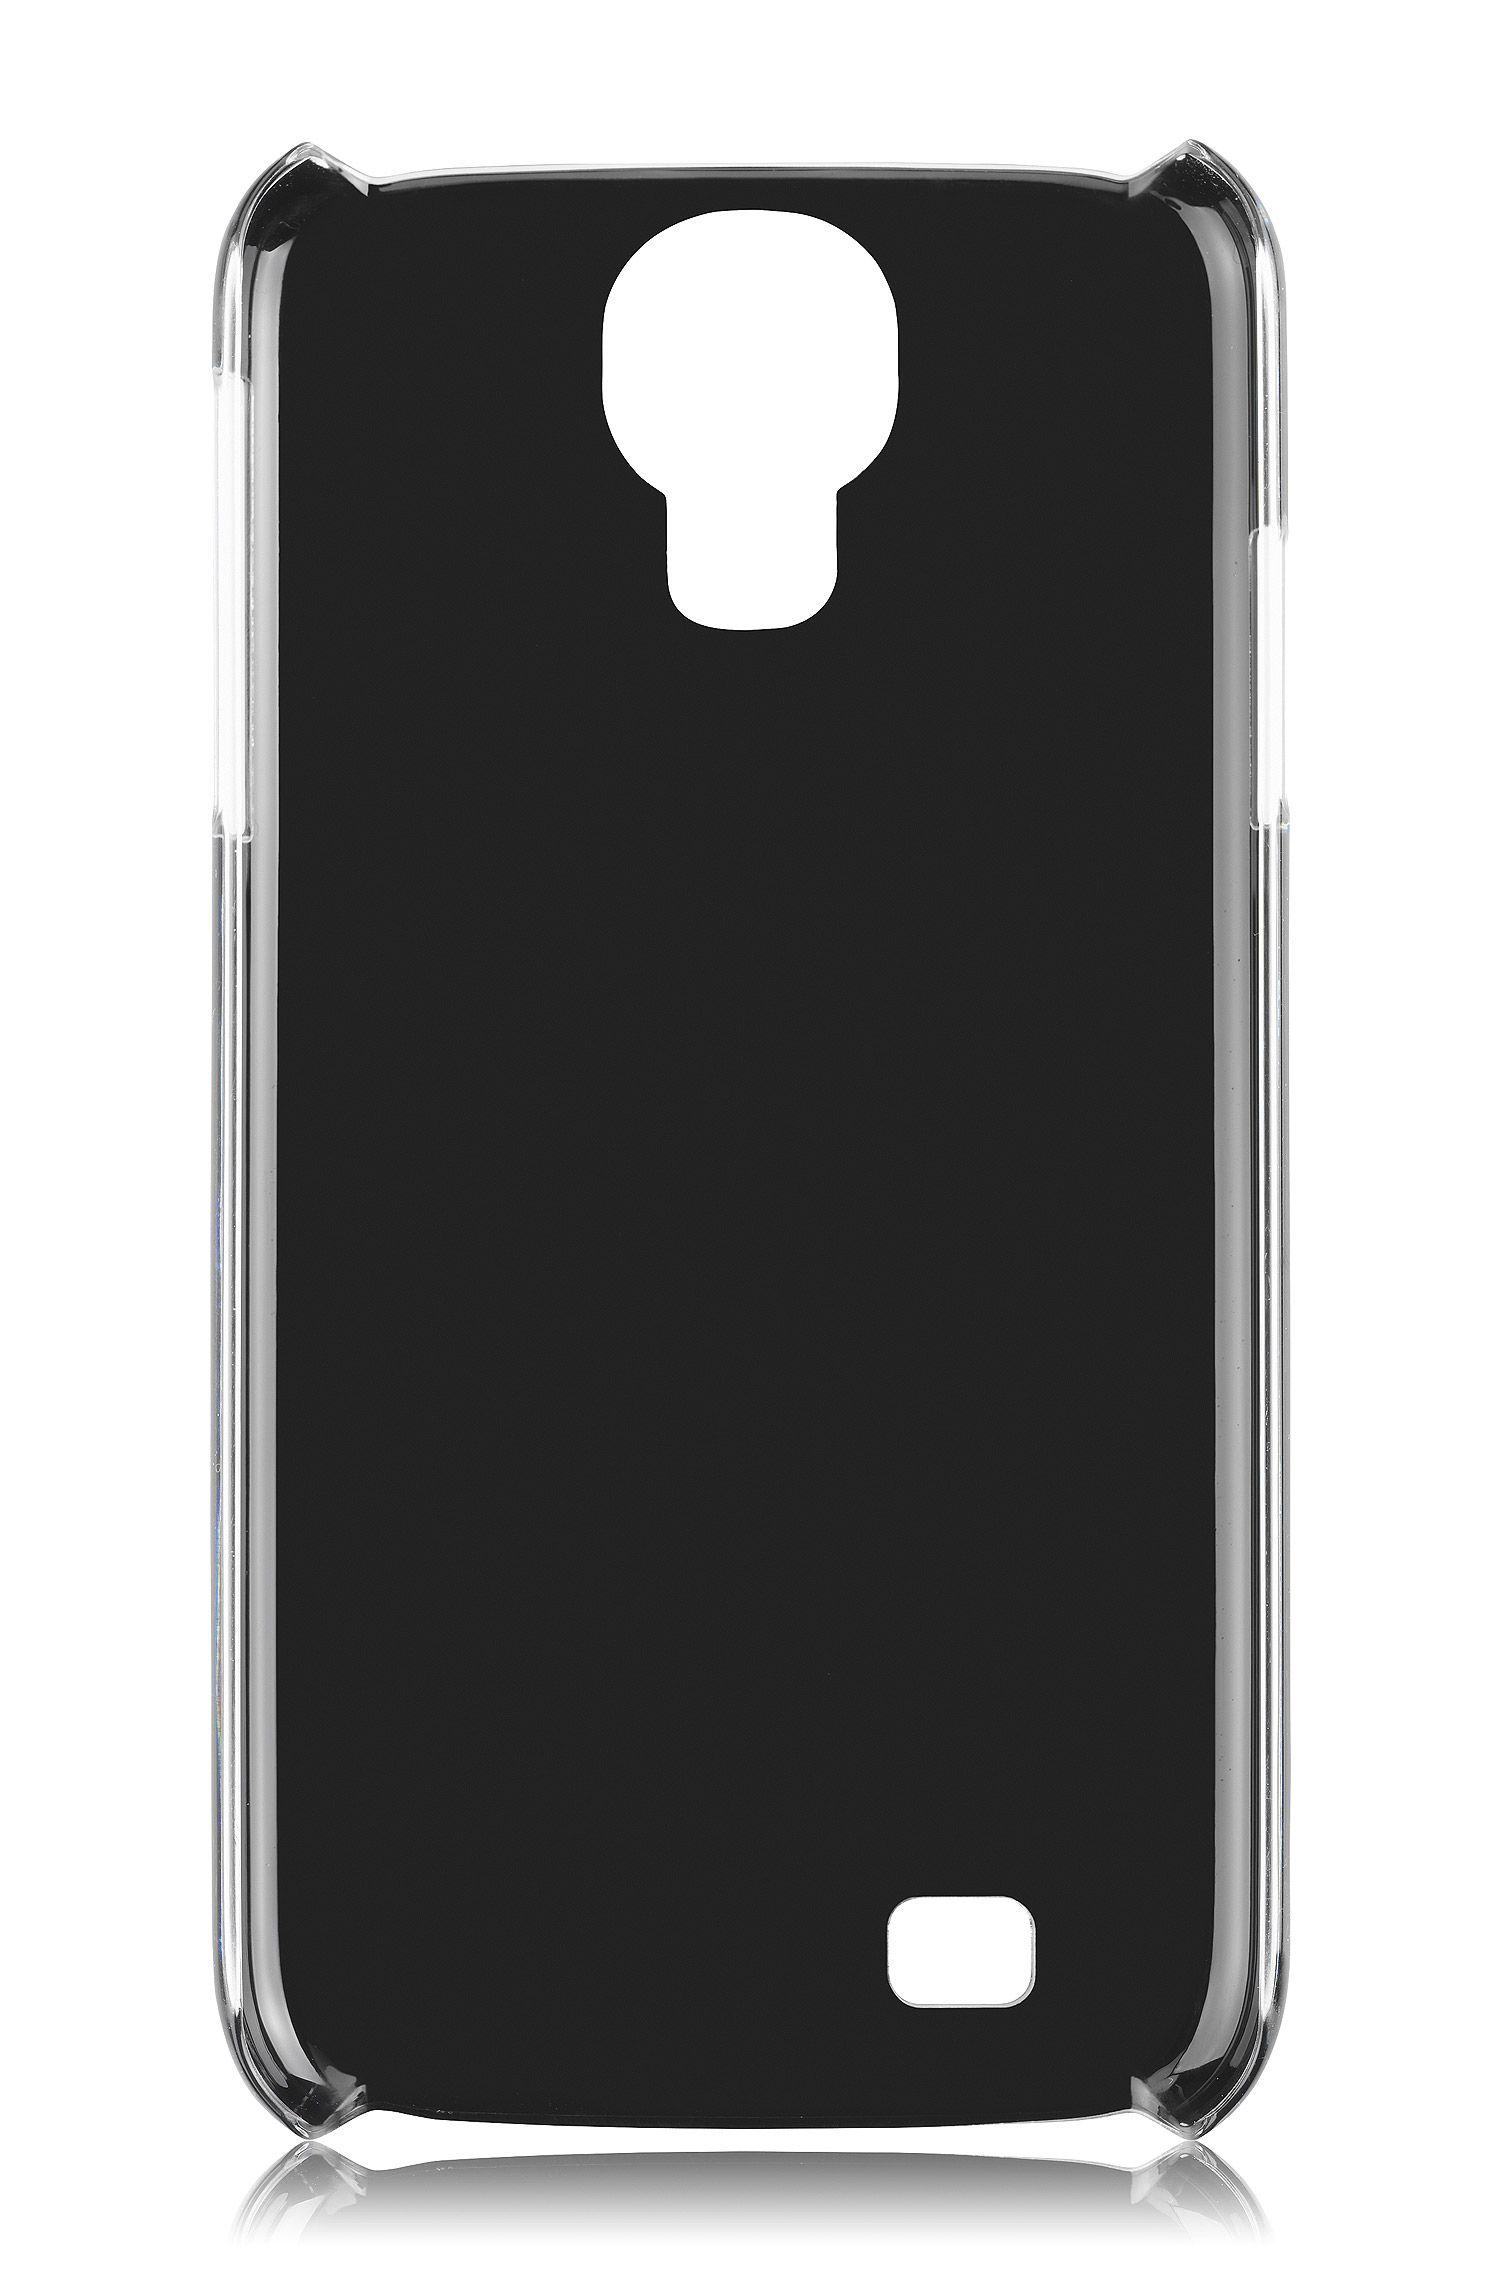 Coque rigide Samsung Galaxy S4, Dots black IV